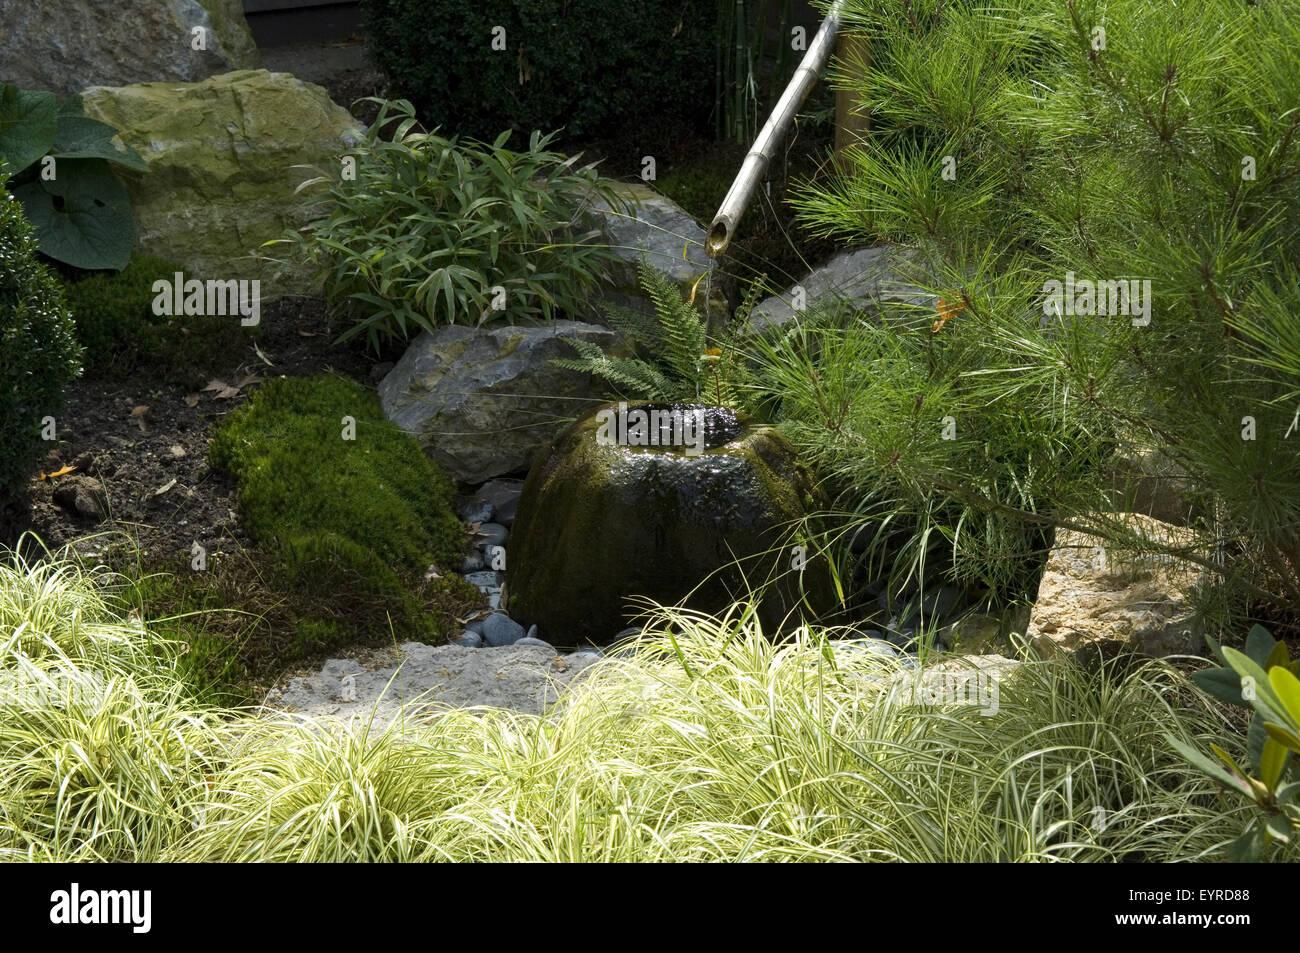 Tsukubai, Wasserbecken, Stock Photo